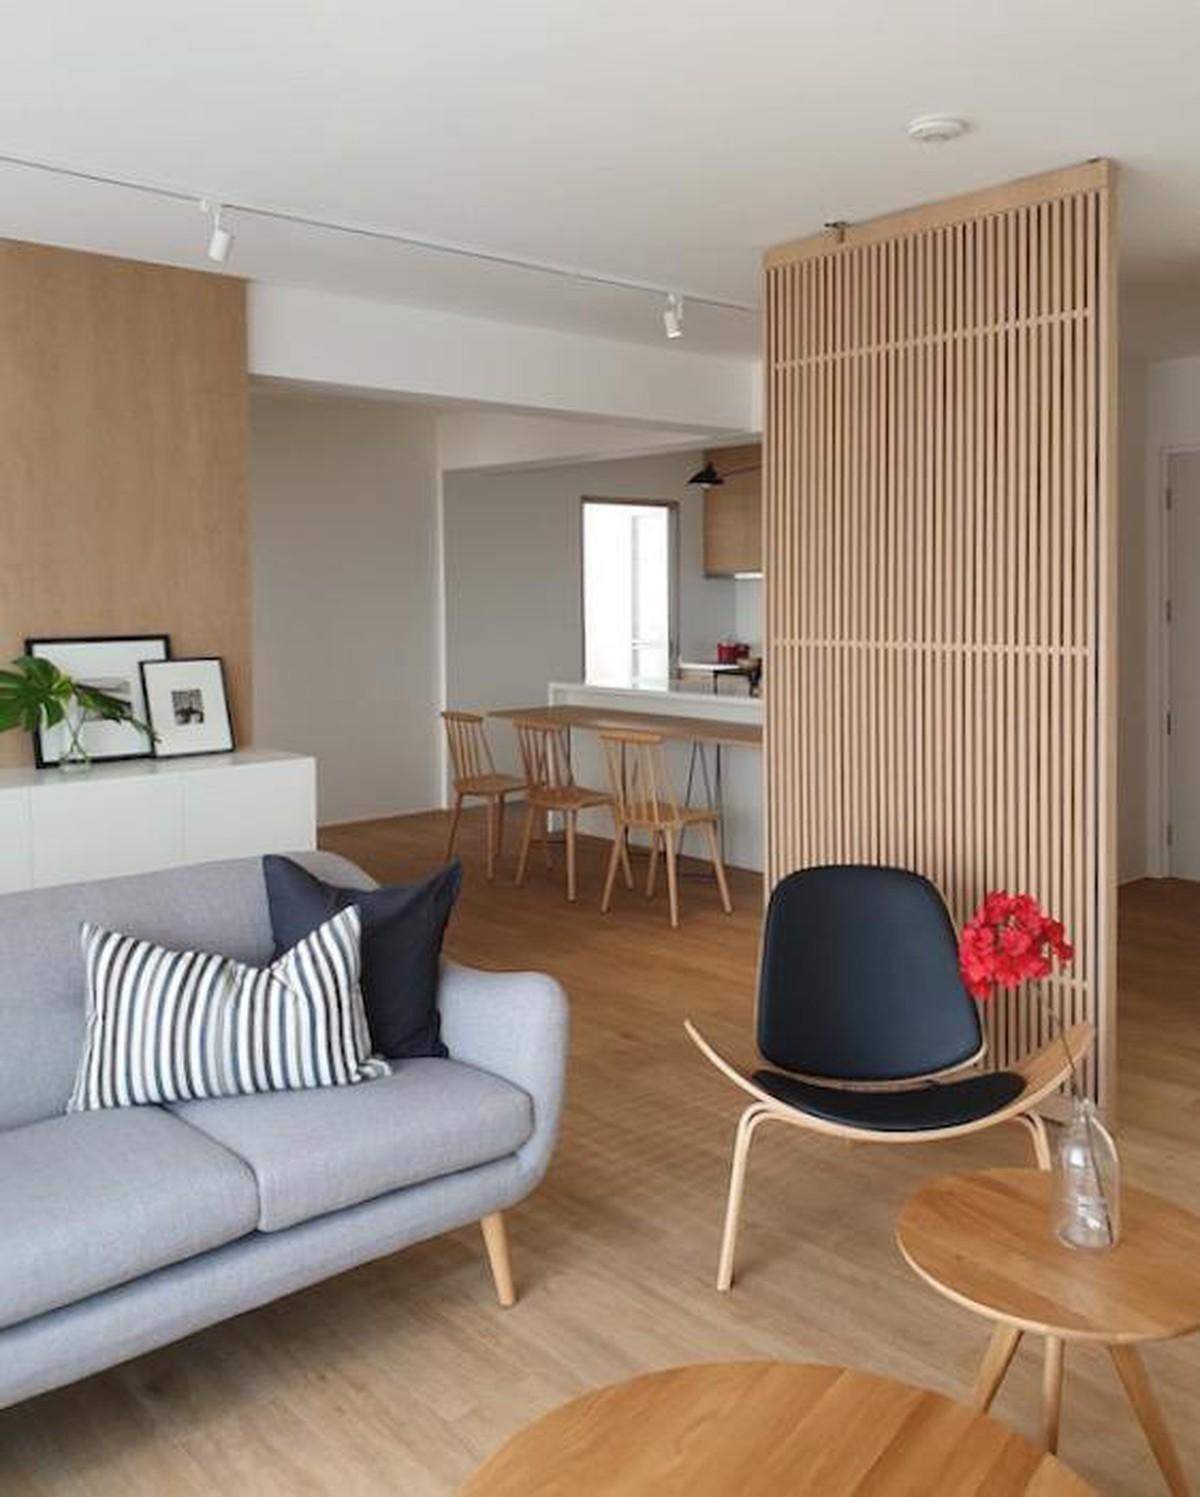 Đồ nội thất gỗ nhẹ trong căn hộ chung cư